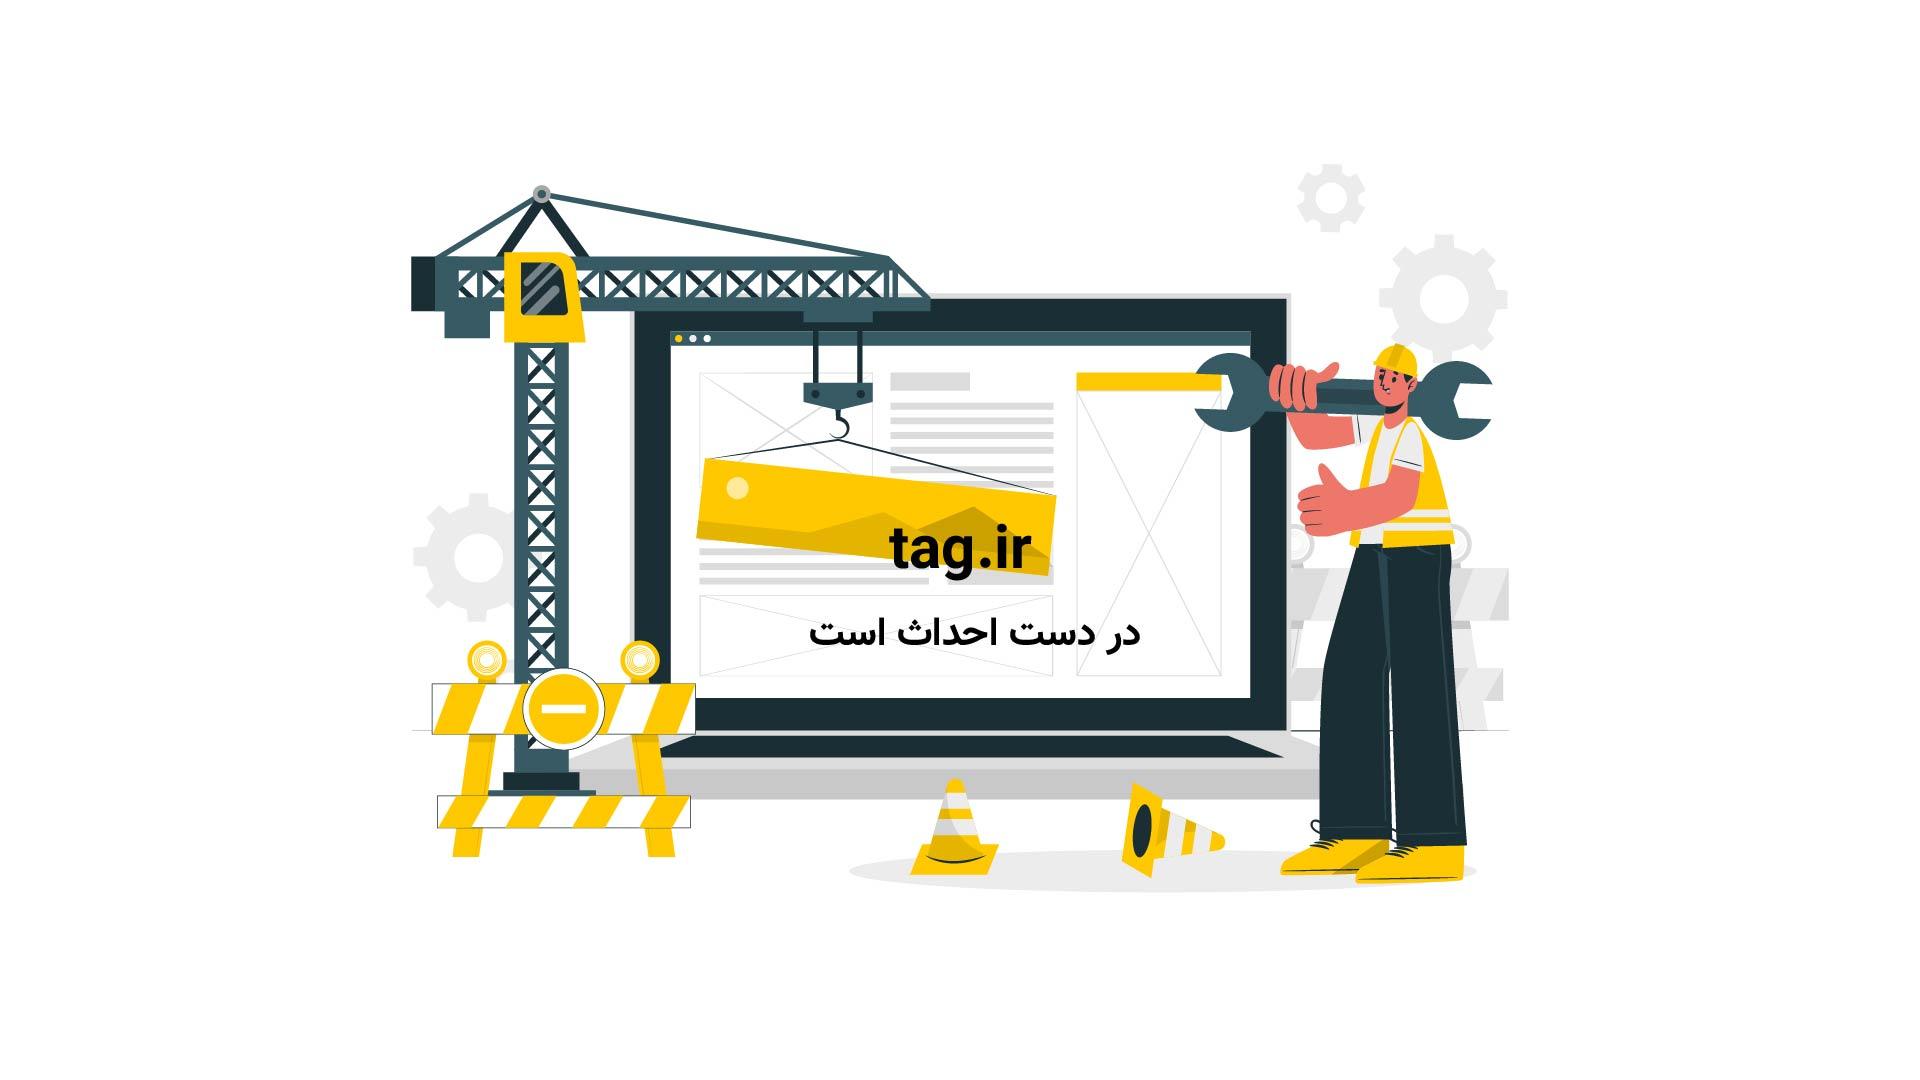 نقاشی ماشین کارتونی